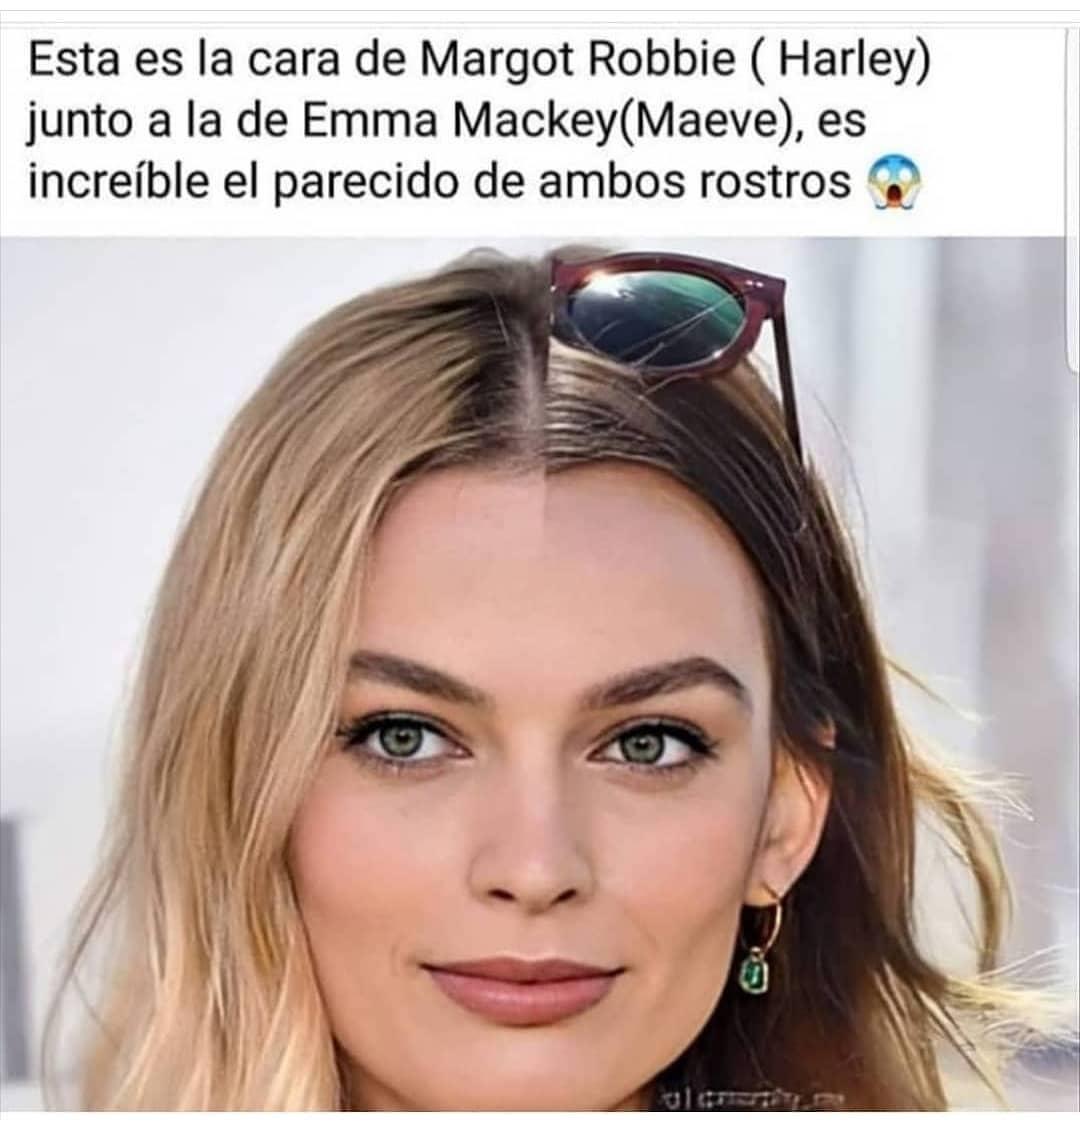 Esta es la cara de Margot Robbie (Harley) junto a la de Emma Mackey (Maeve), es increíble el parecido de ambos rostros.